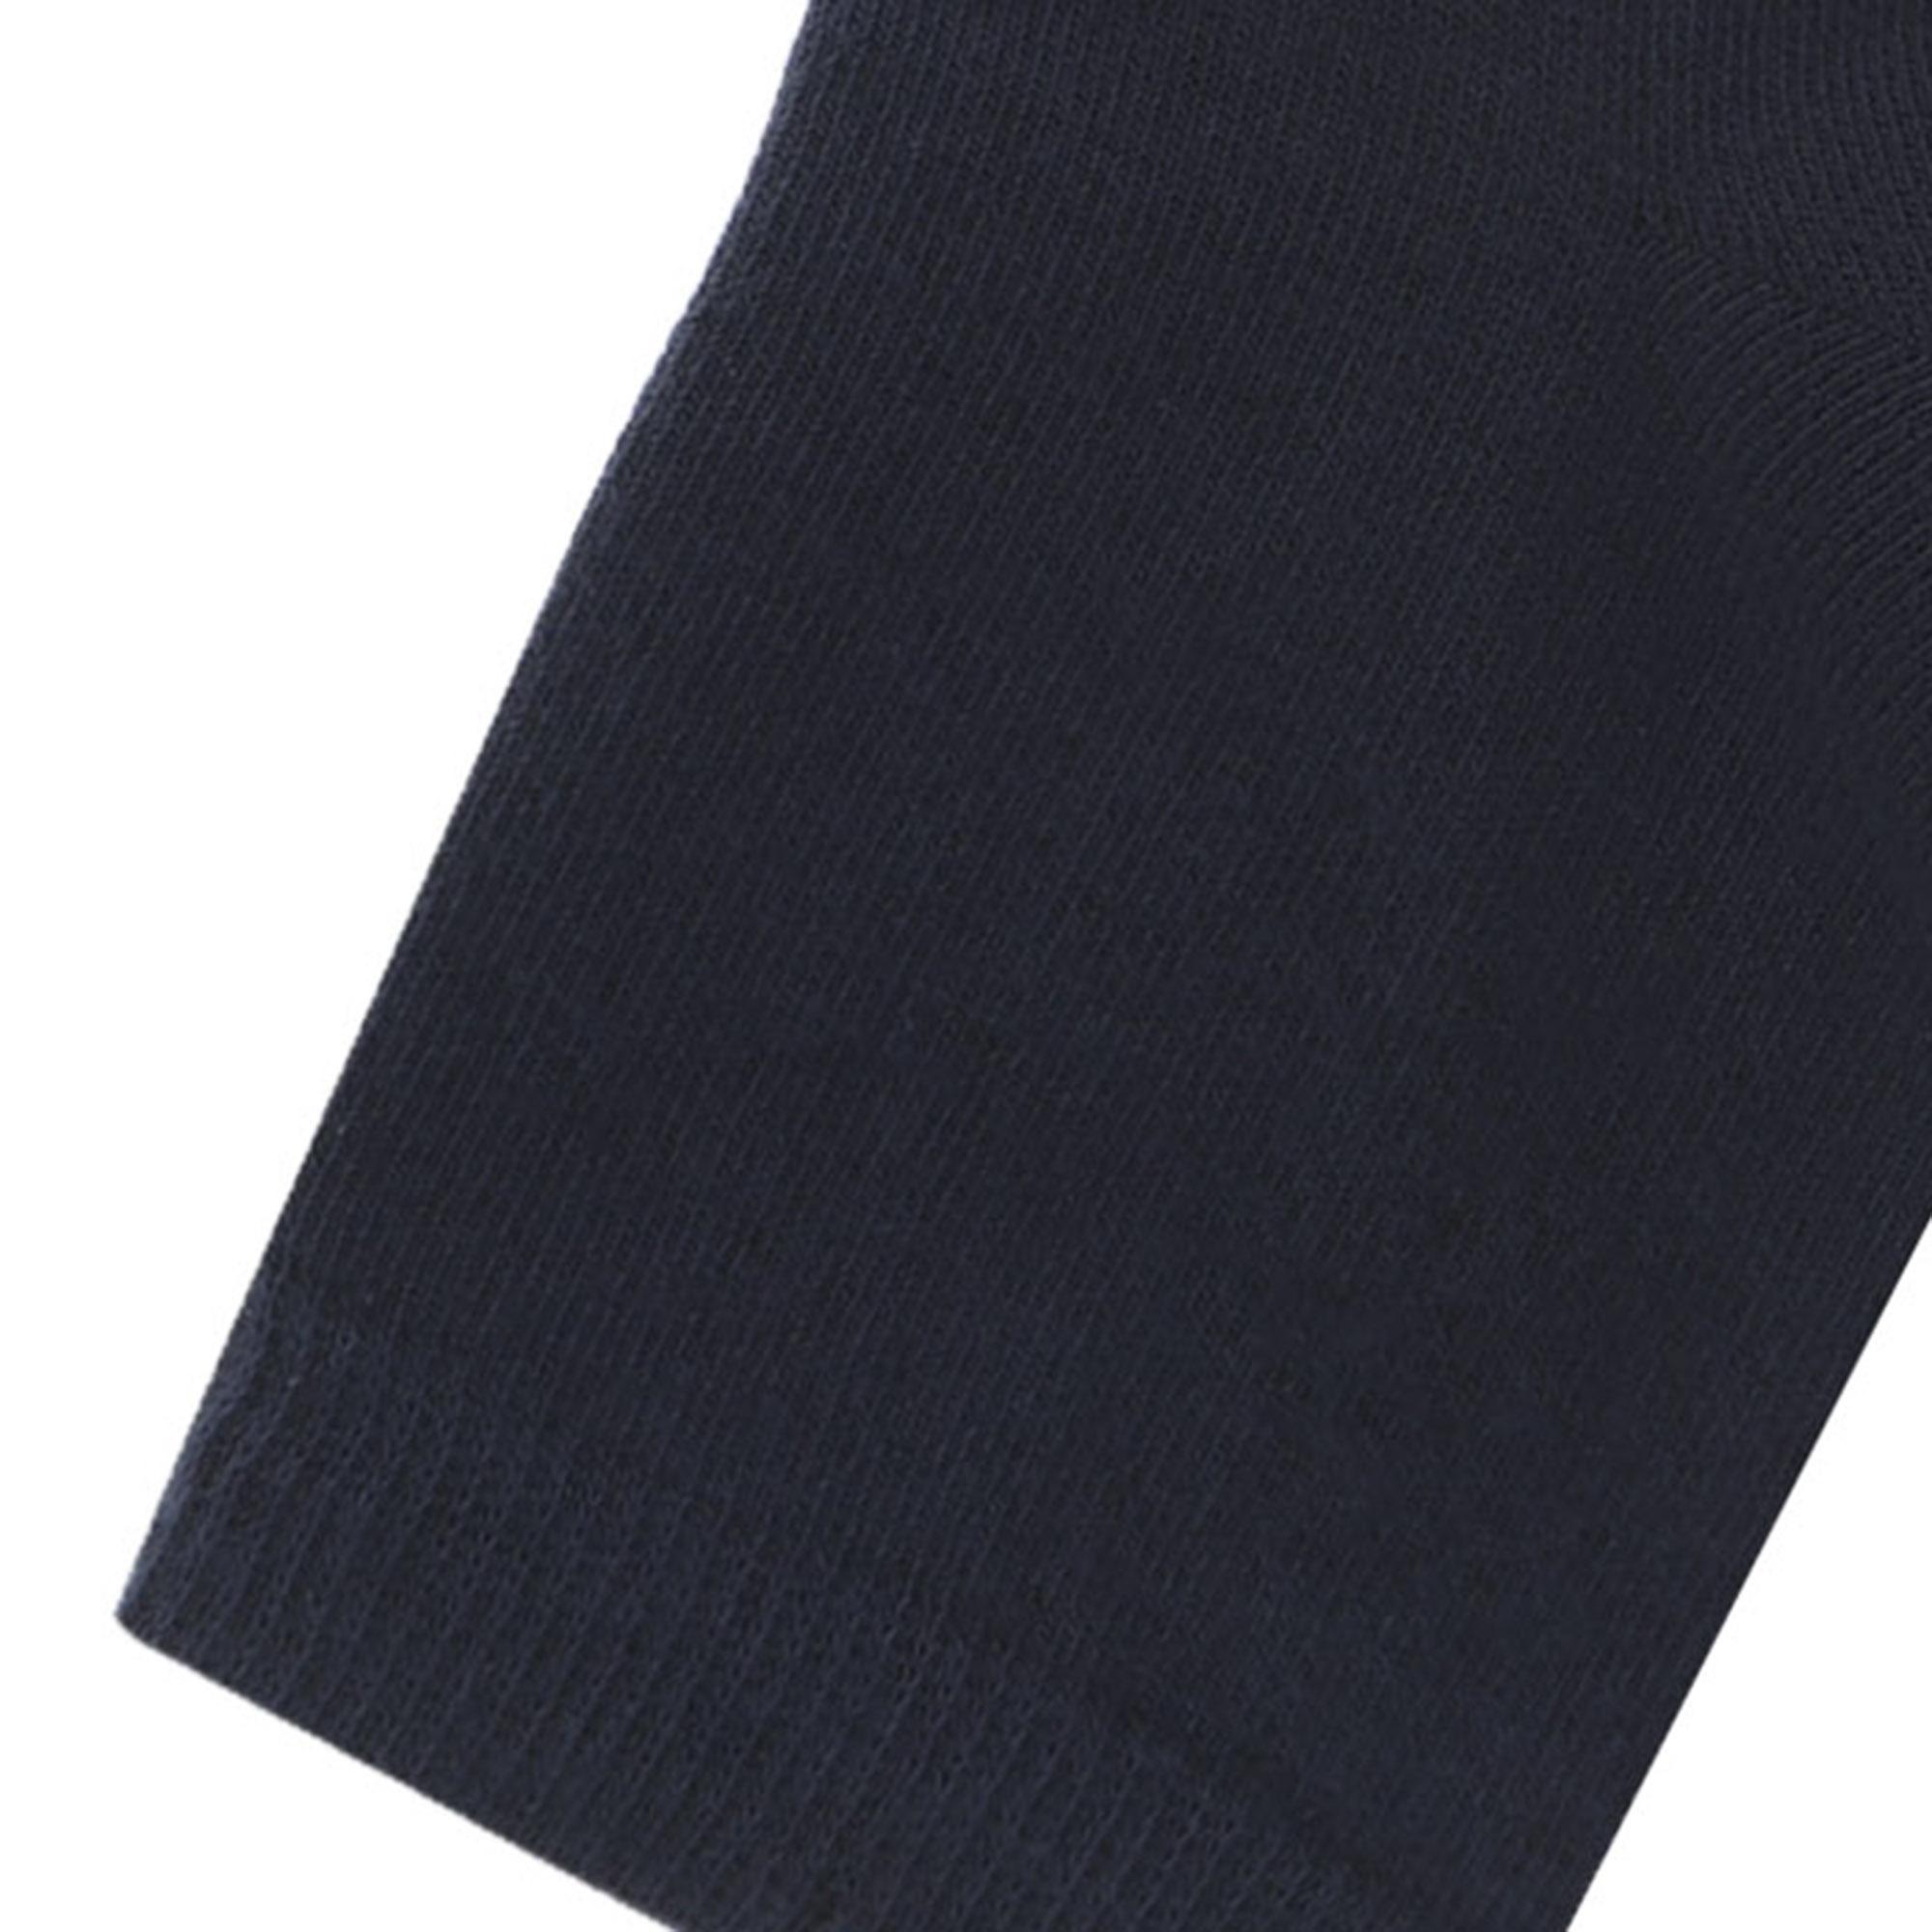 Носки женские однотонные Lucky Socks синие 1 пара 23-25